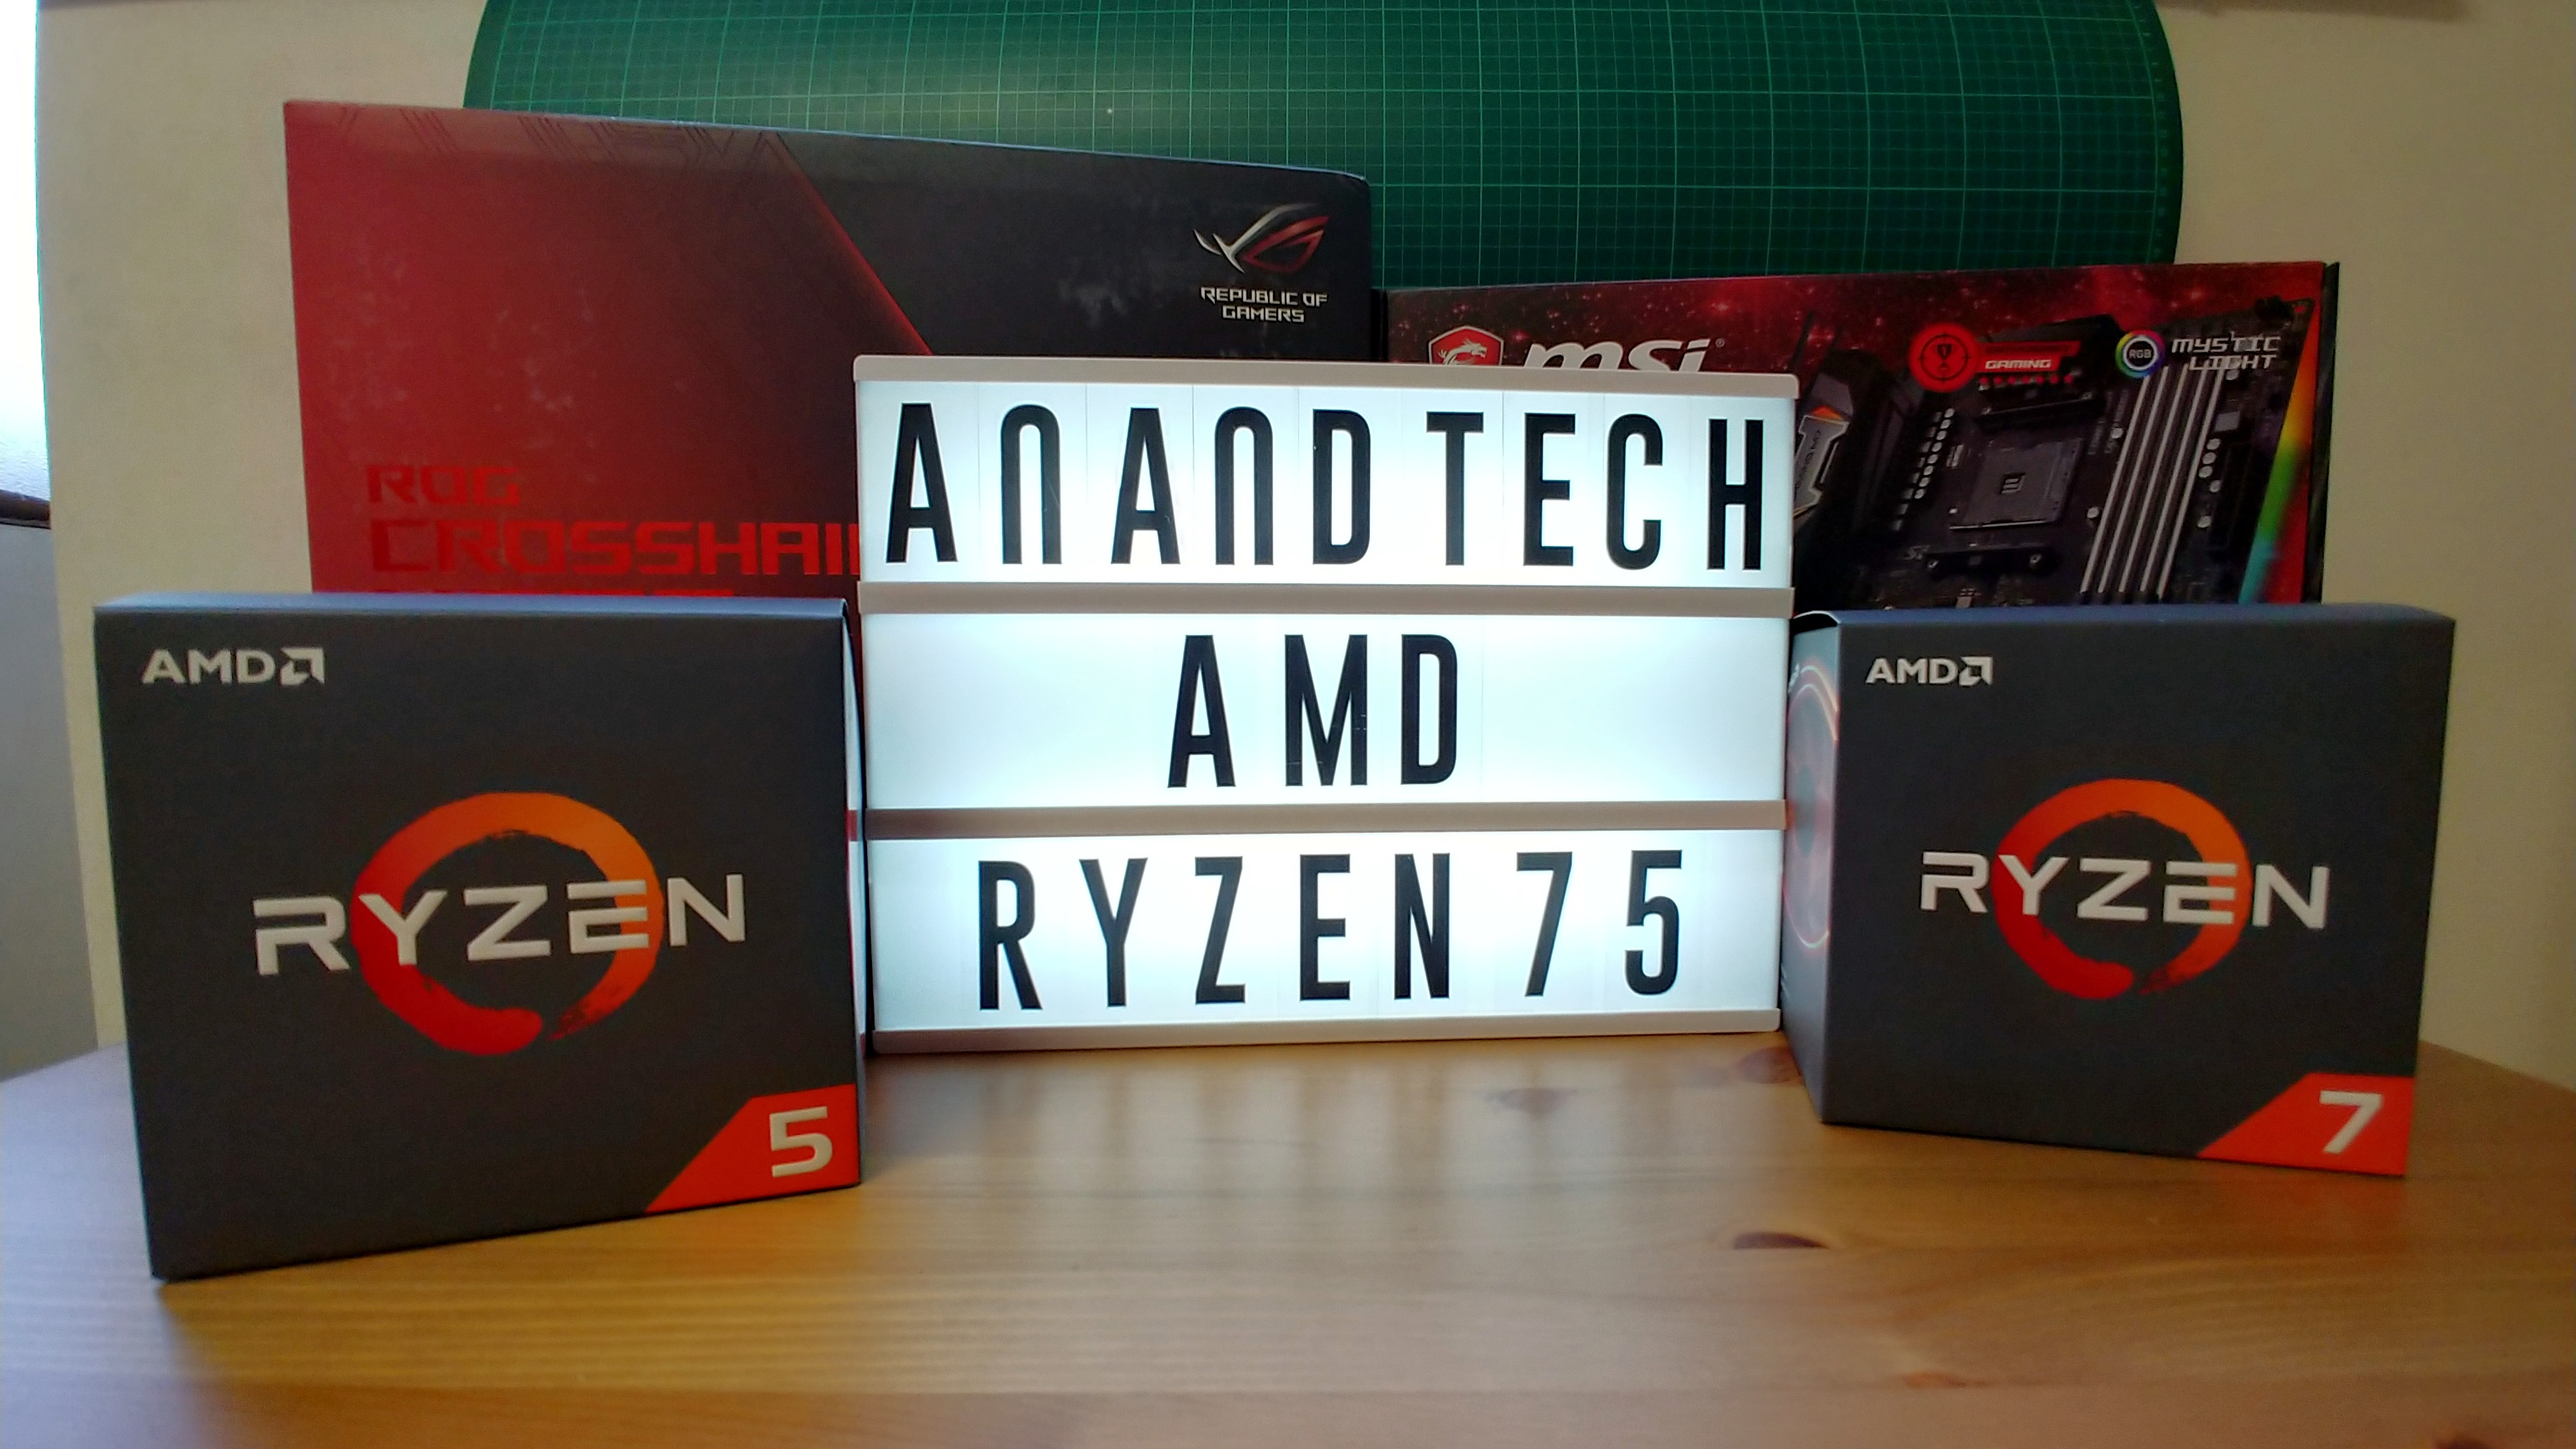 AMD Ryzen 2nd Gen Details: Four CPUs, Pre-Order Today